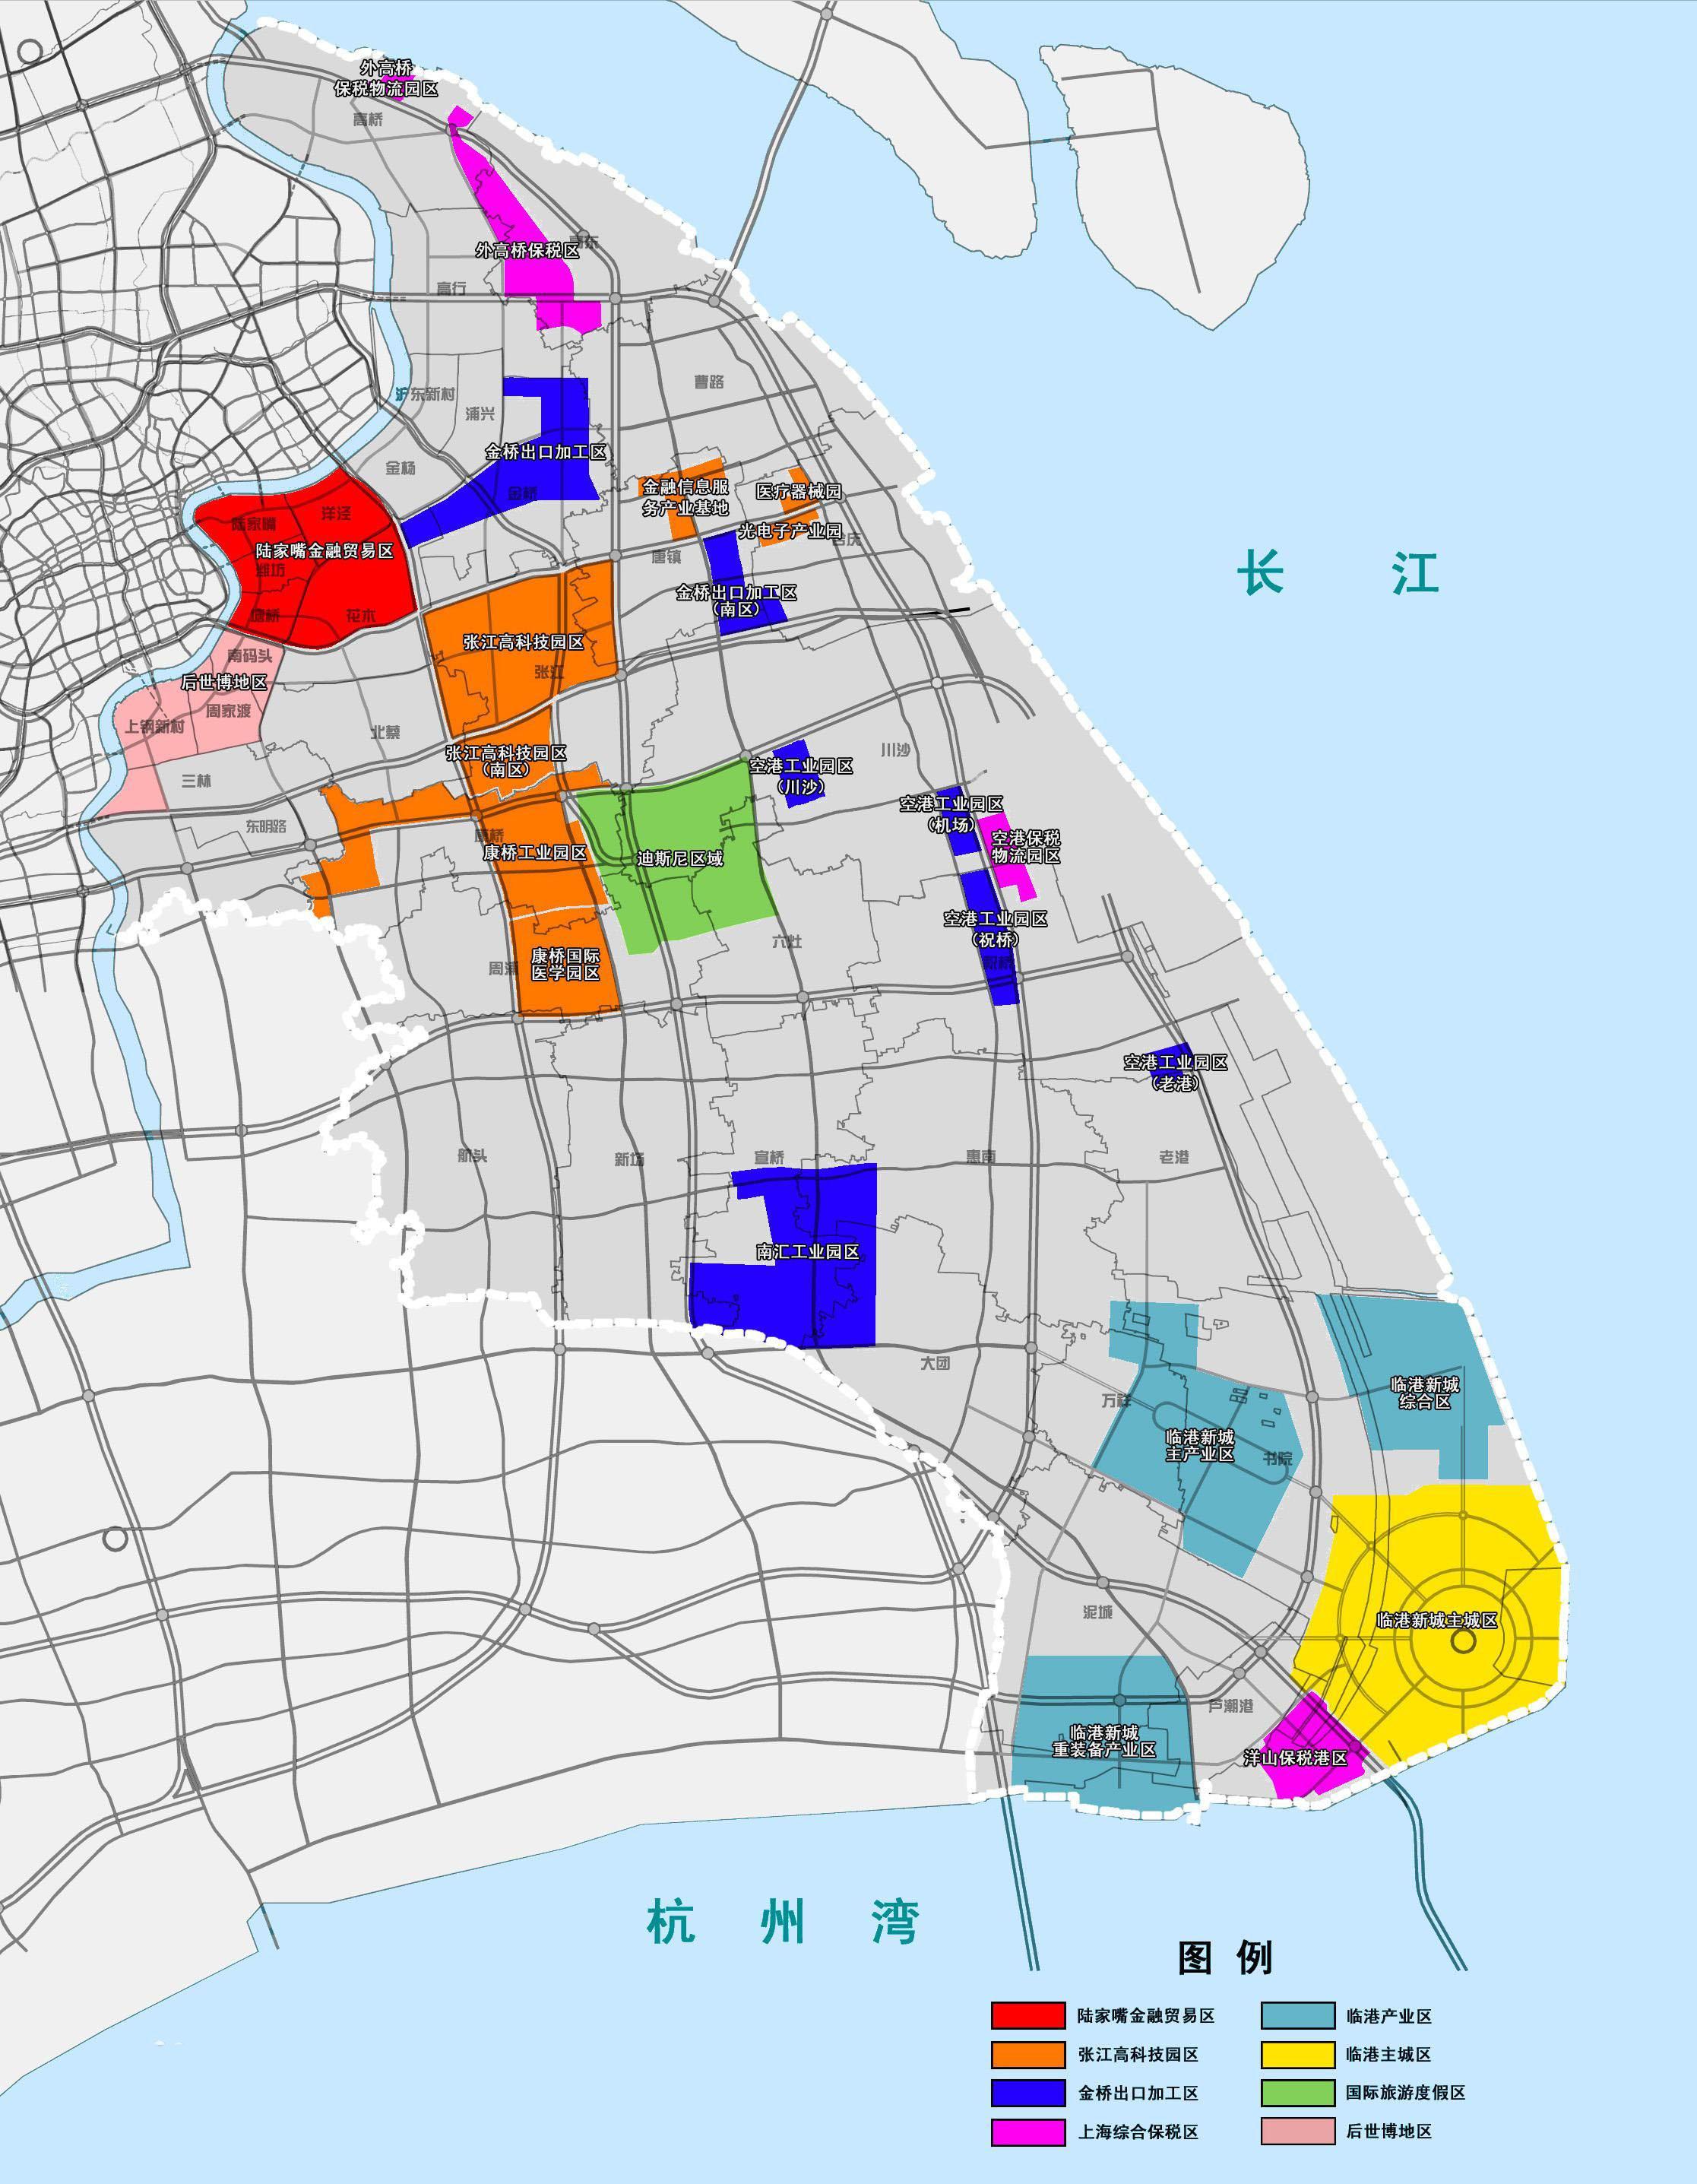 上海自贸区范围